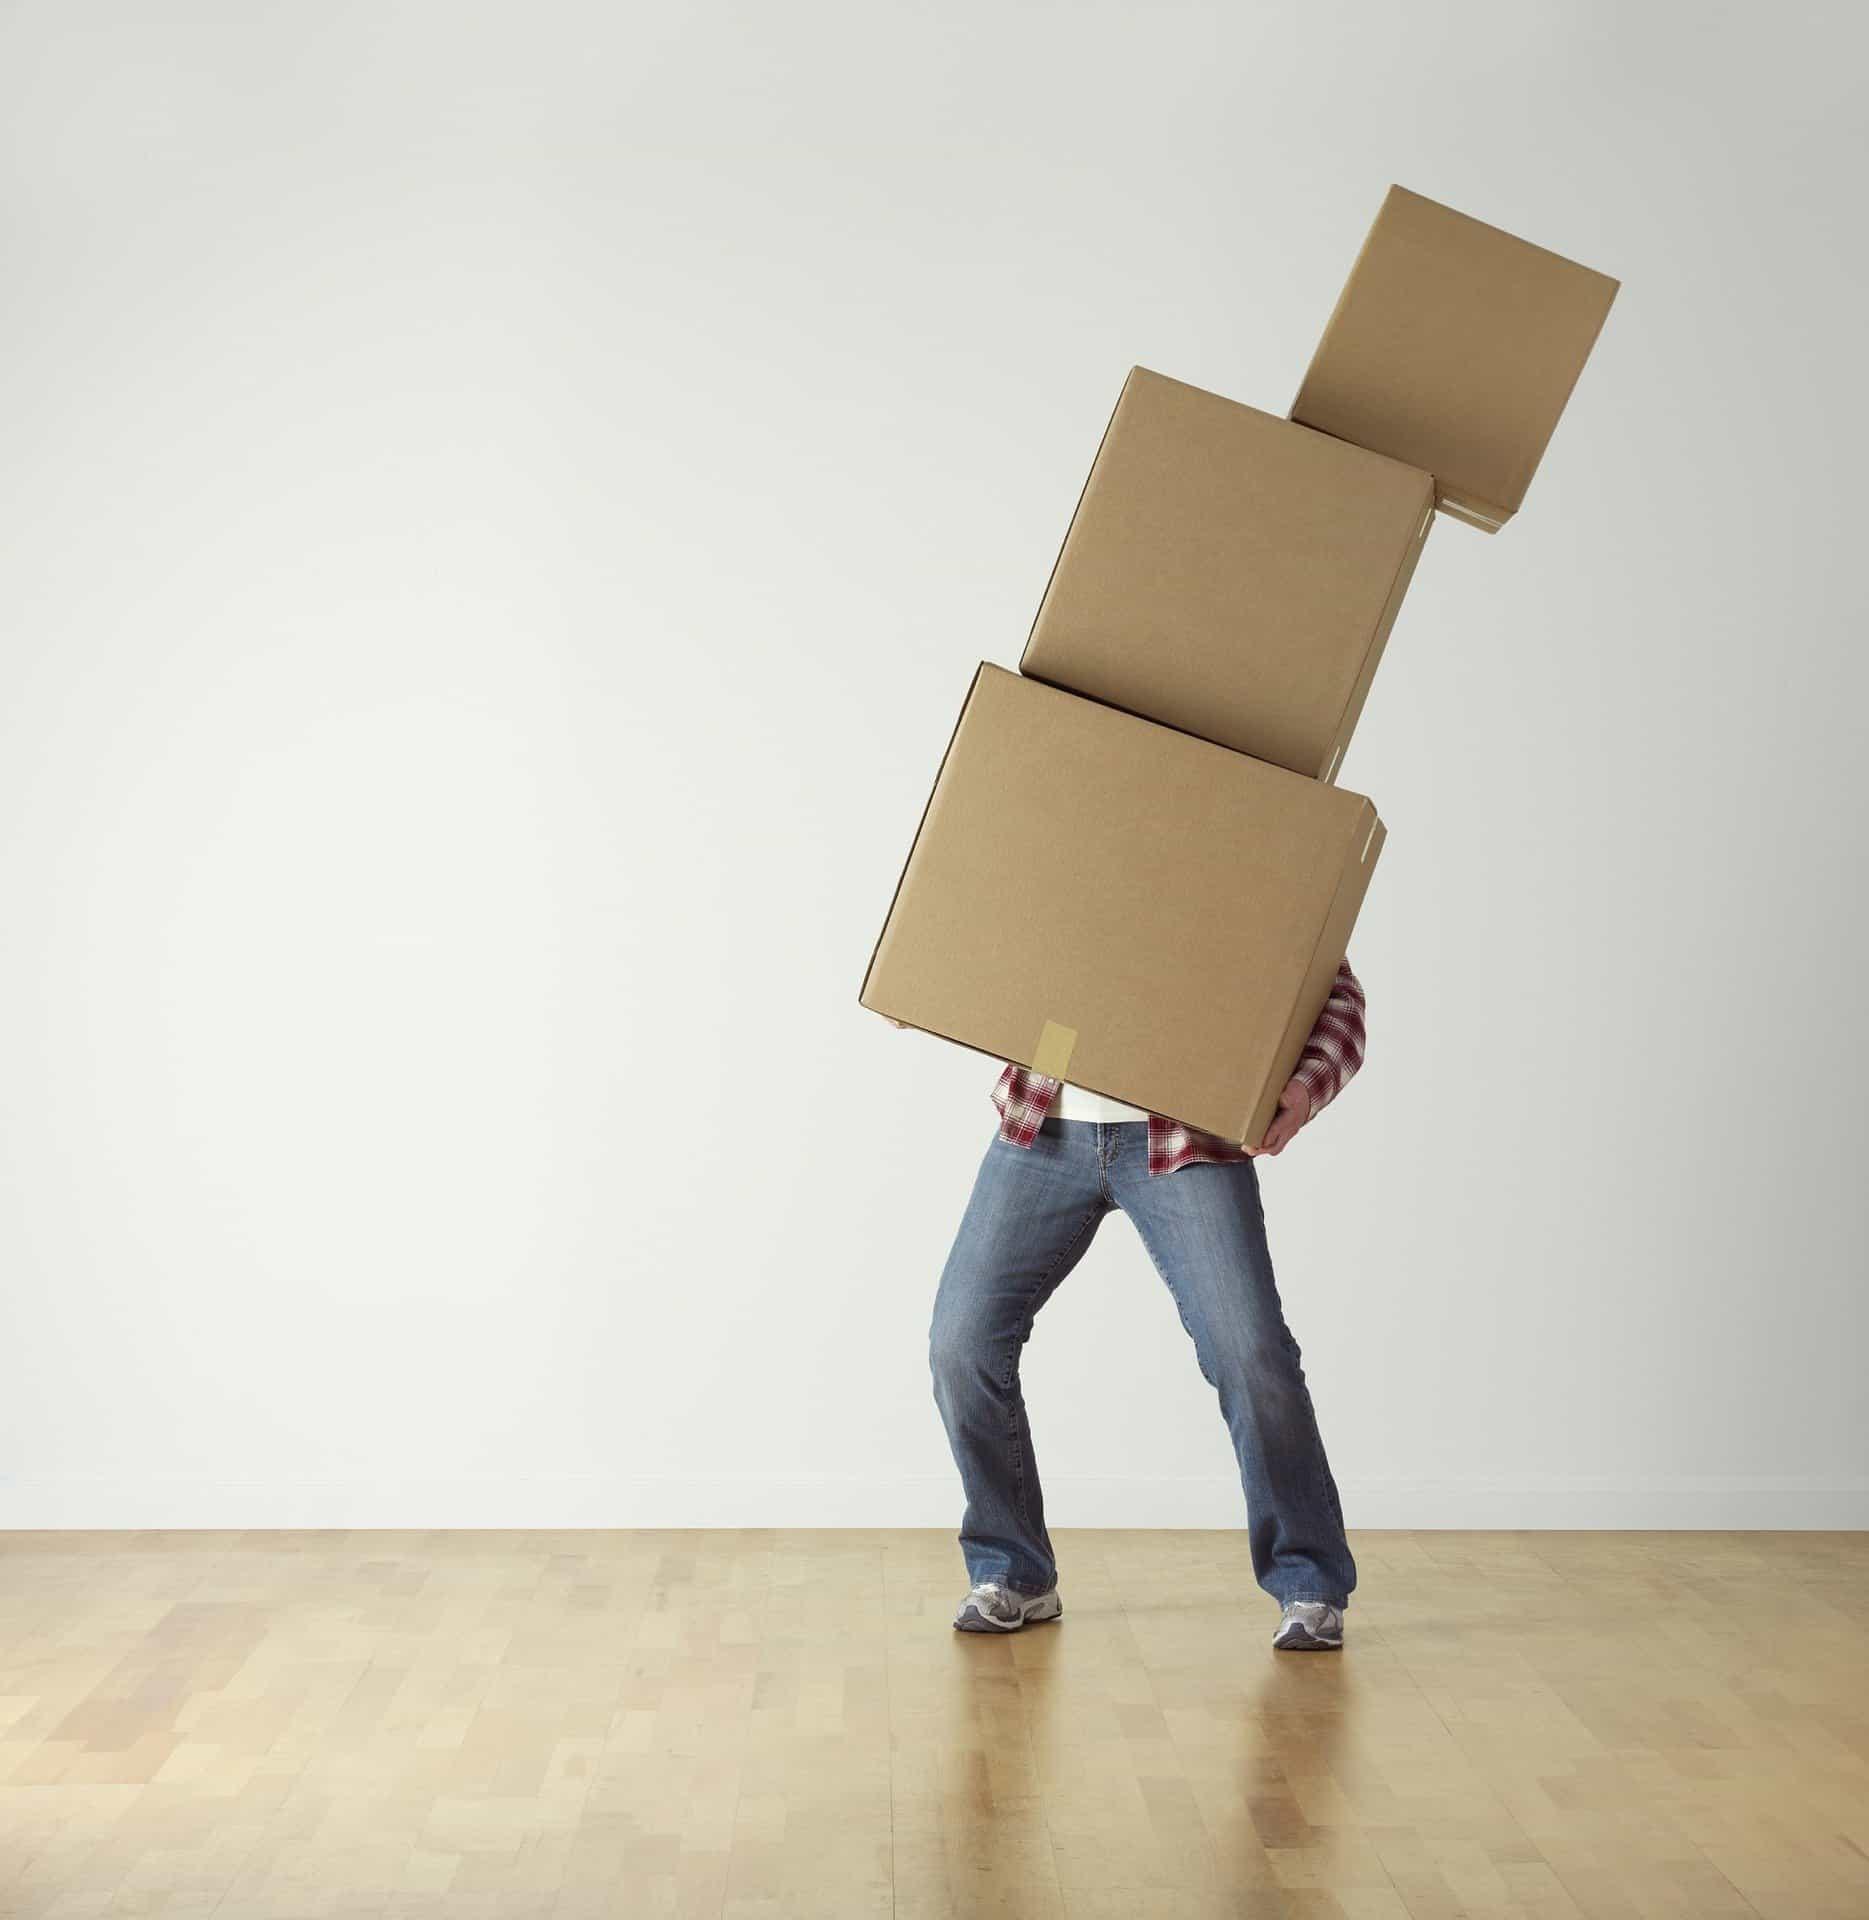 college moving checklist